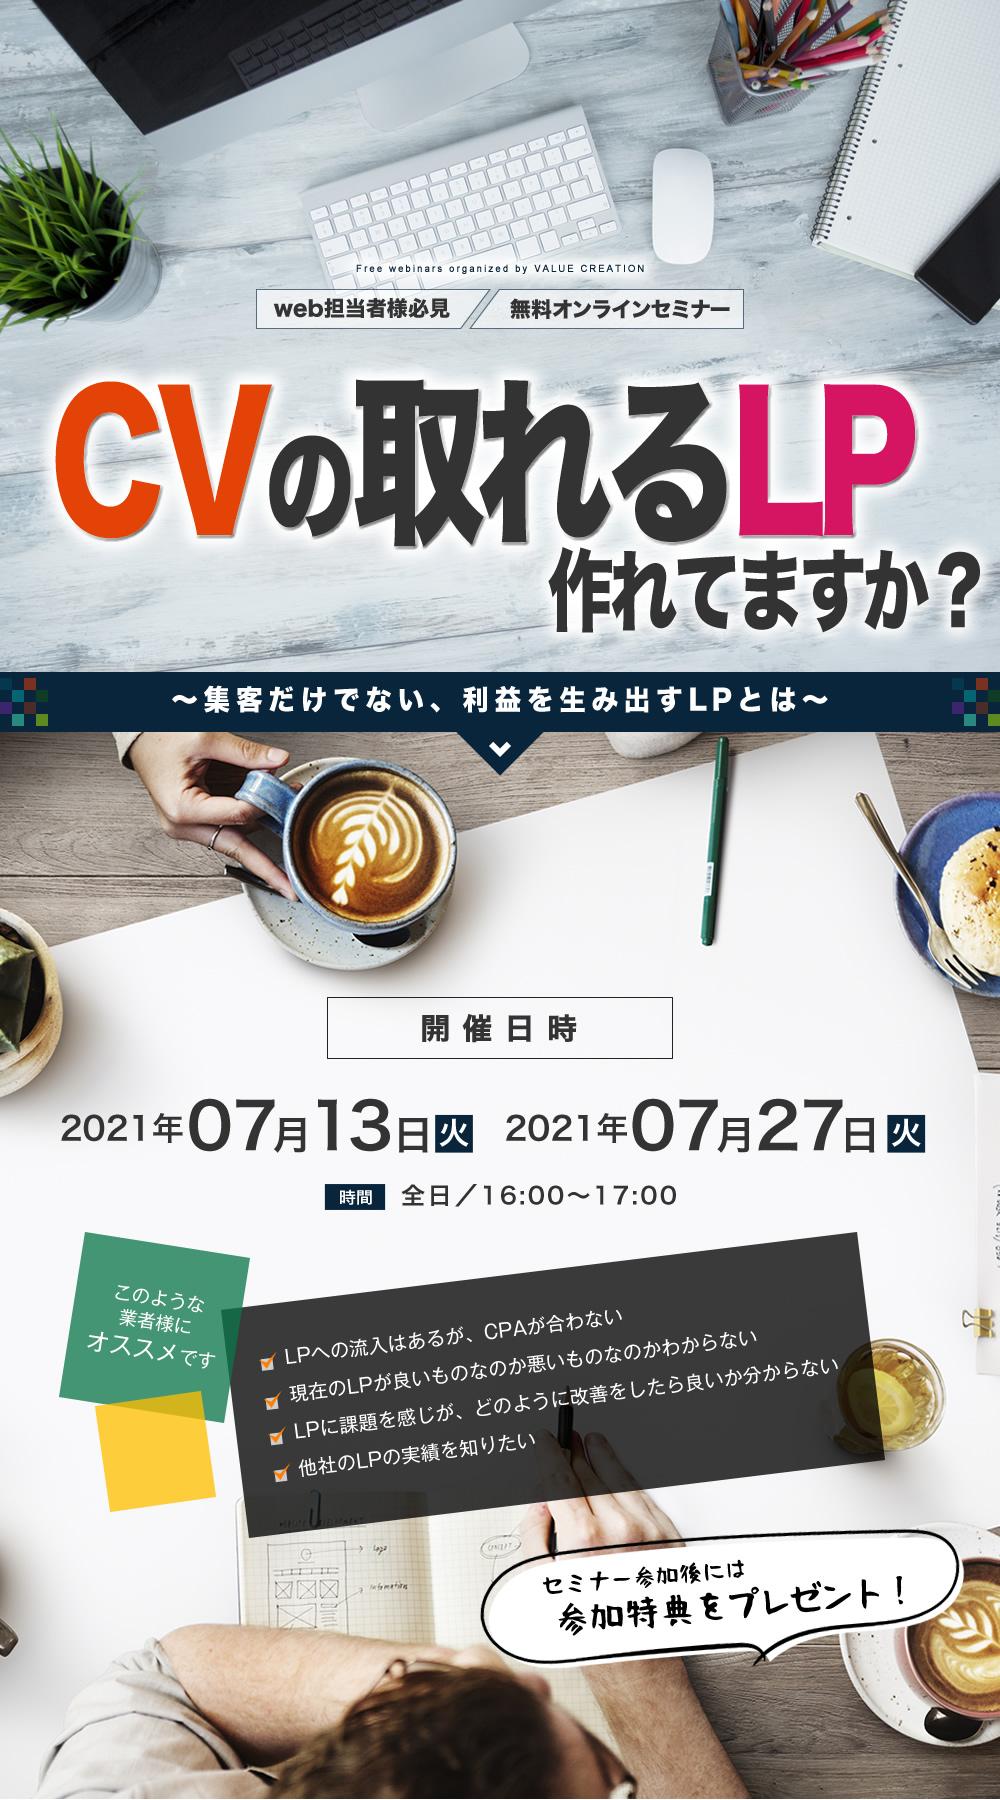 【web担当者様必見 LPOセミナー】<br/>CVの取れるLP作れてますか?<br/>集客だけでない、利益を生み出すLPとは